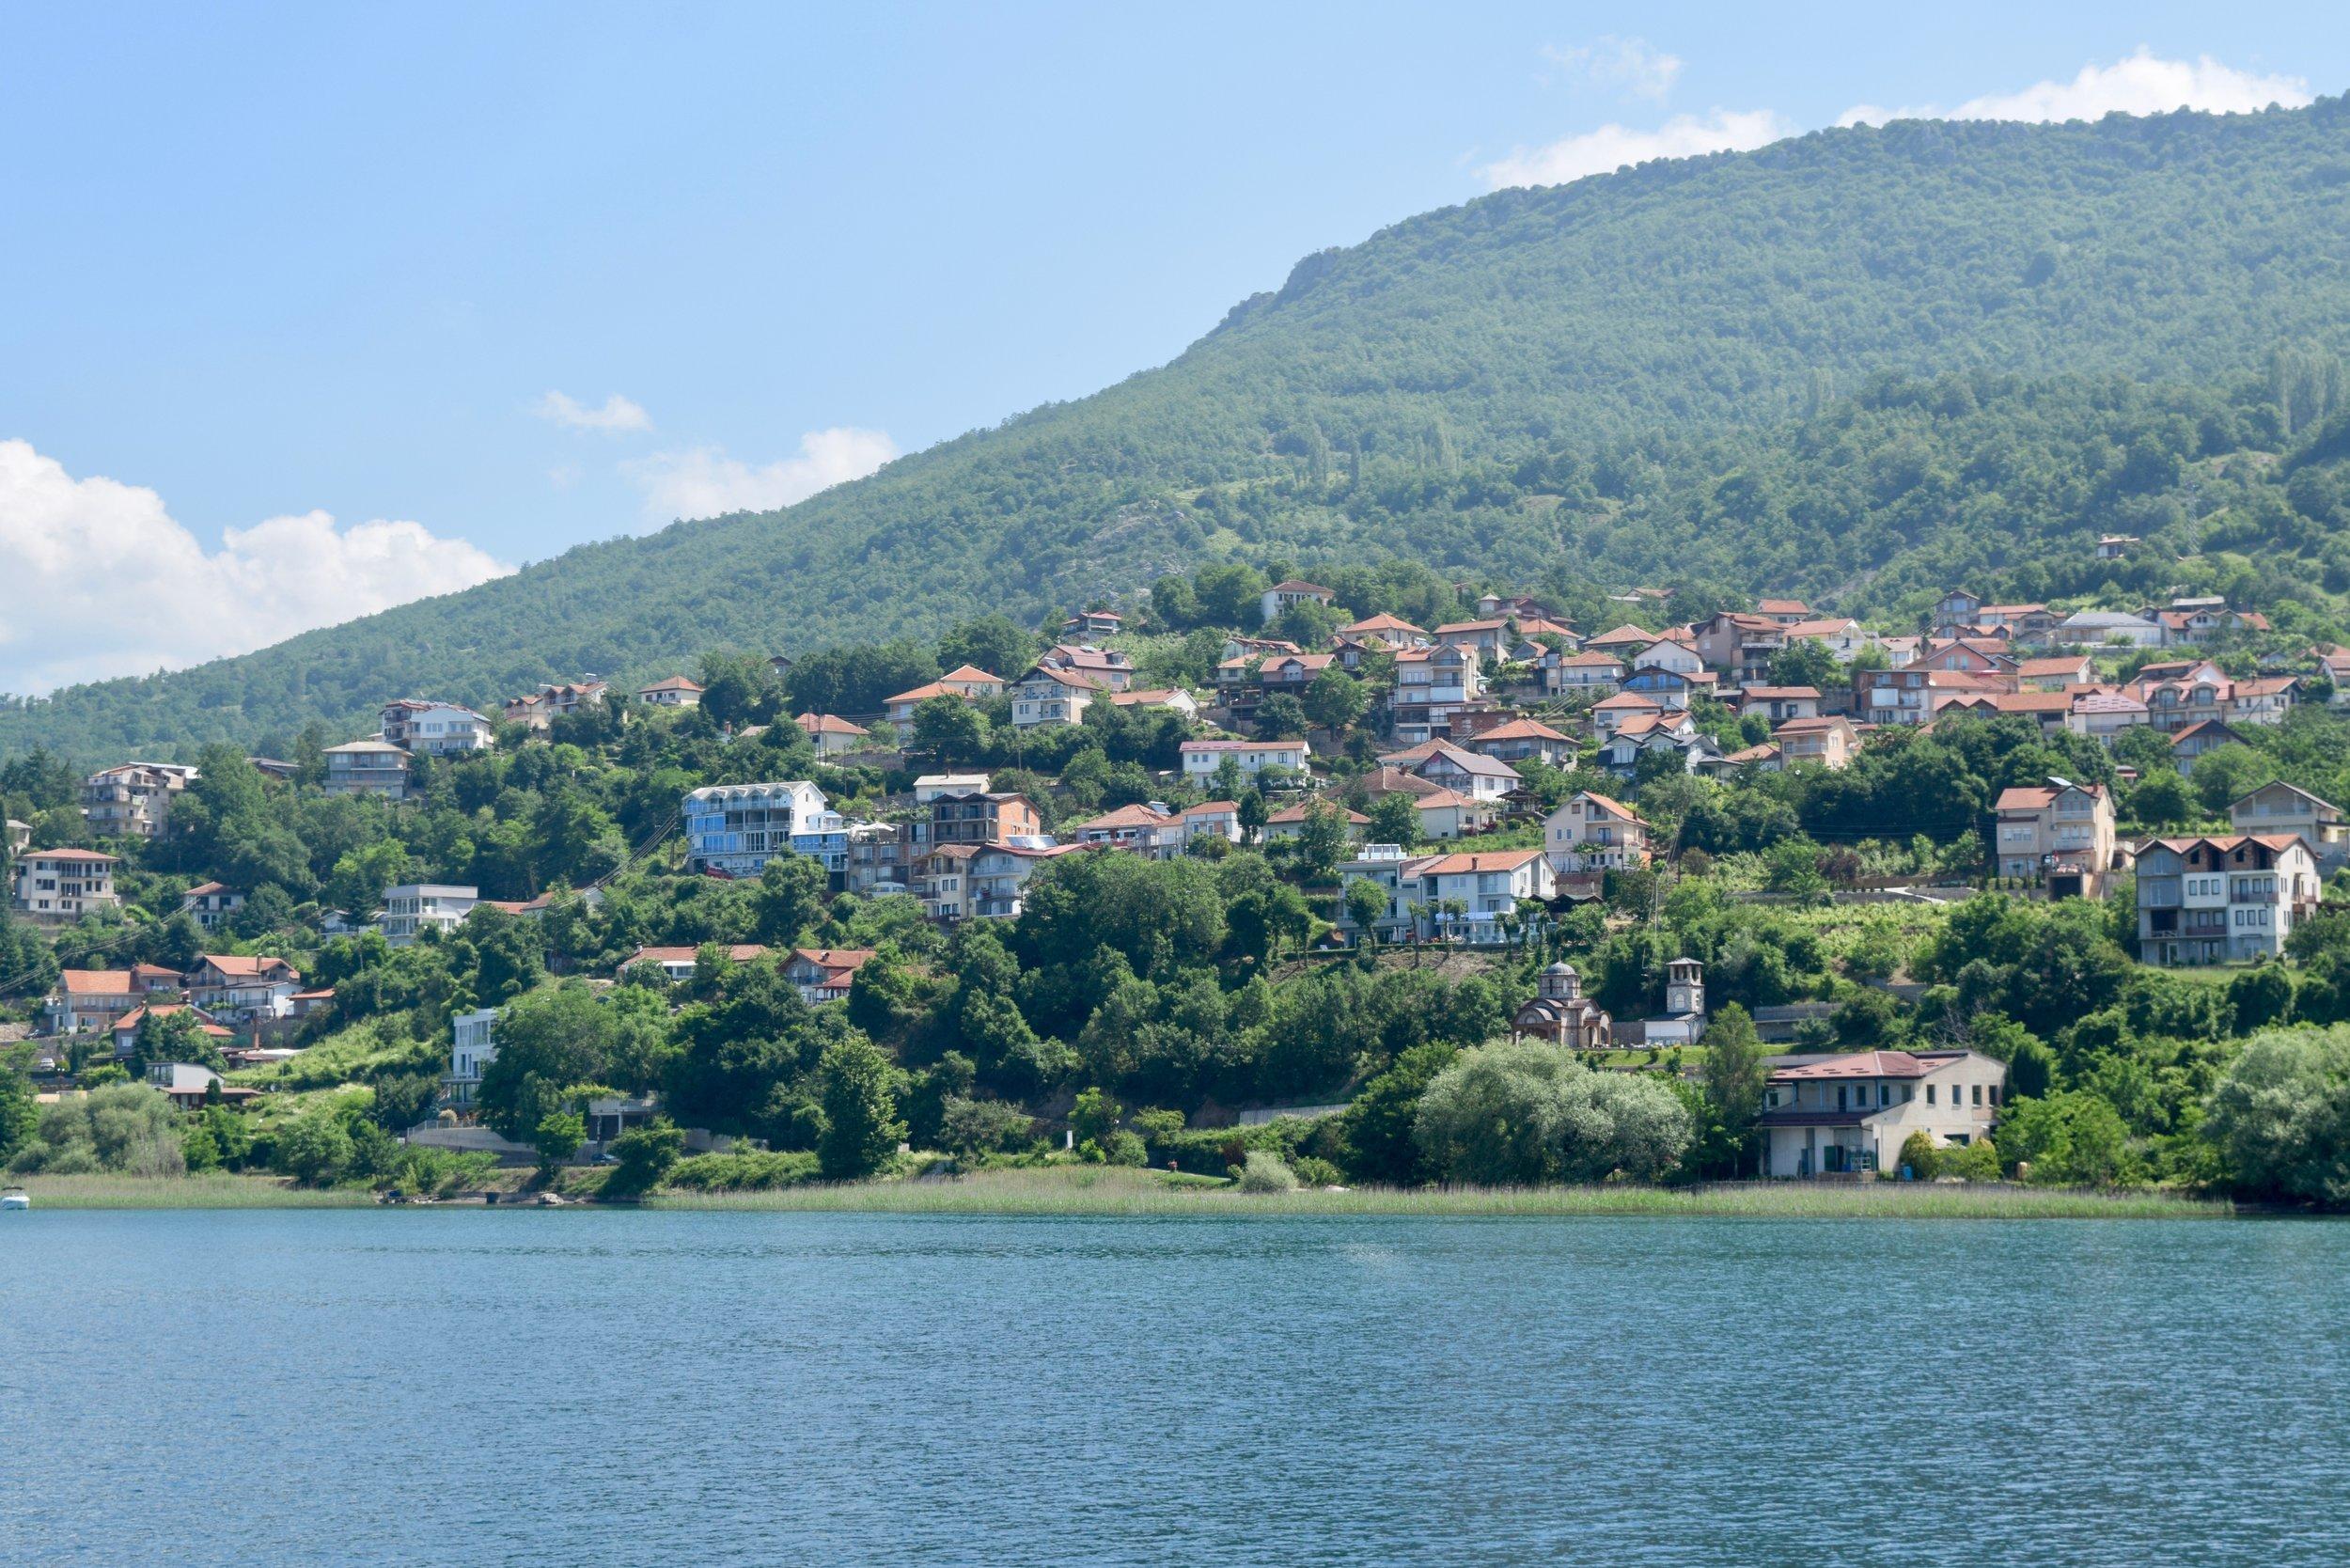 Houses on Lake Ohrid